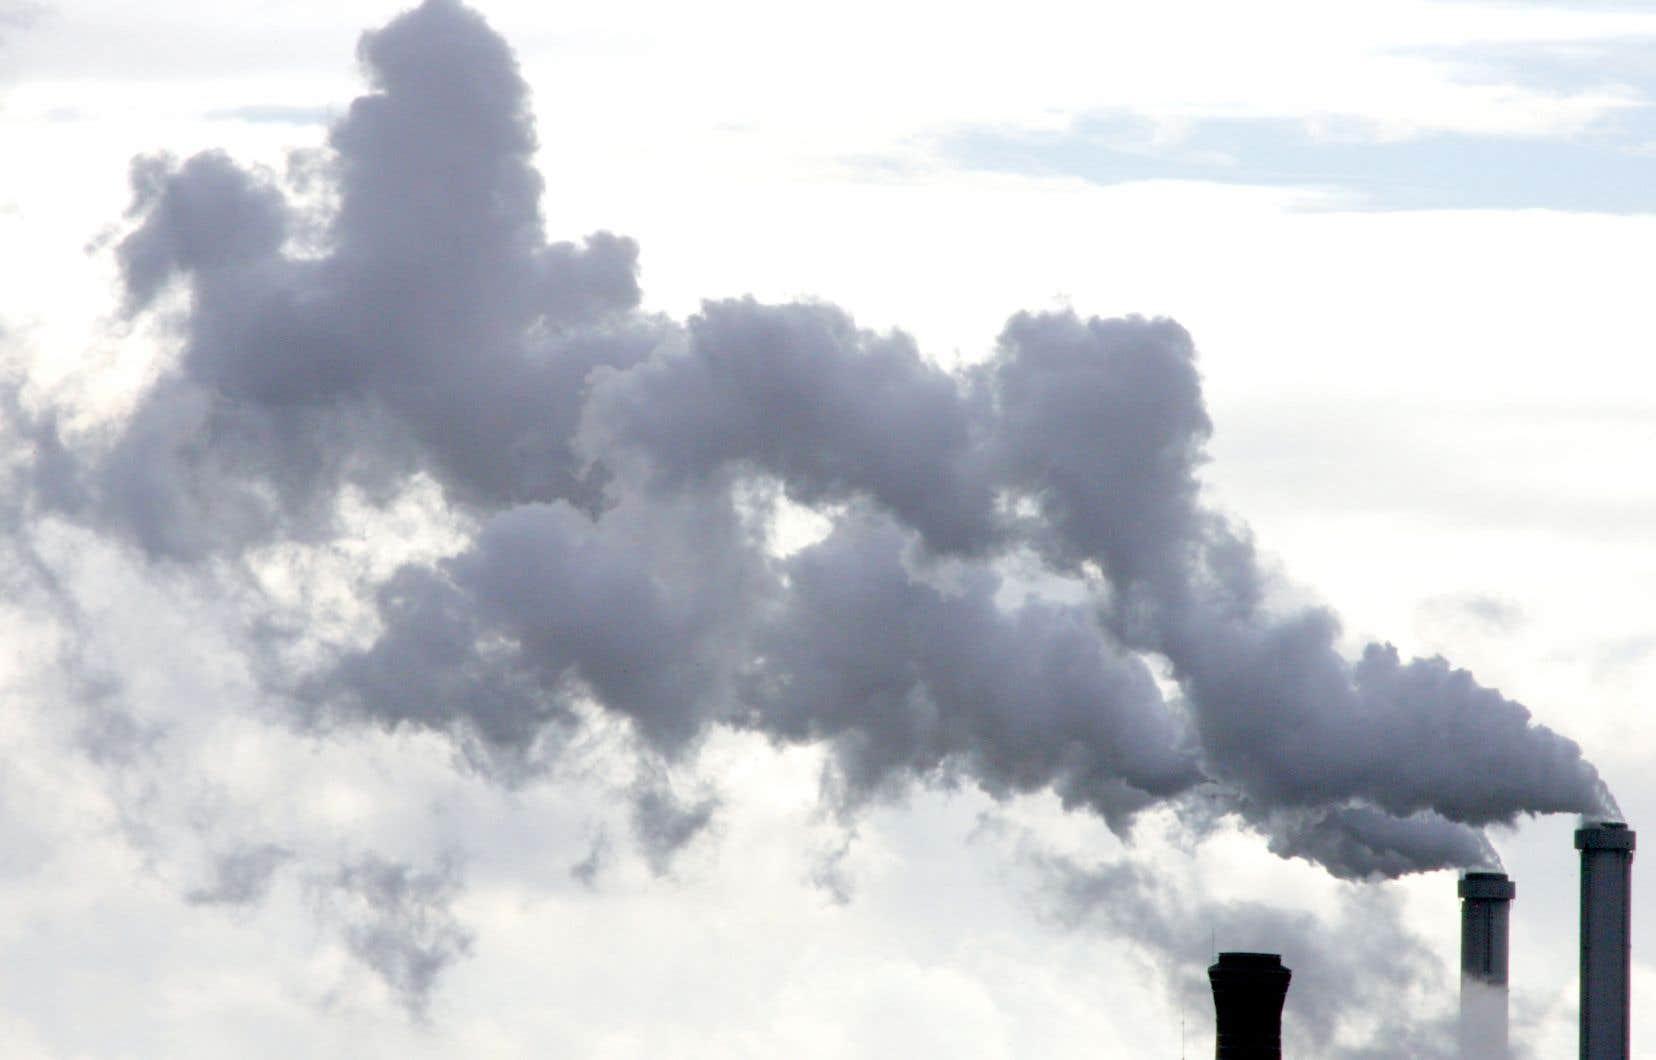 L'objectif est de permettre de mieux évaluer l'impact financier de la crise climatique et d'accompagner la transition verte des pays qui veulent être neutres en carbone en 2050.